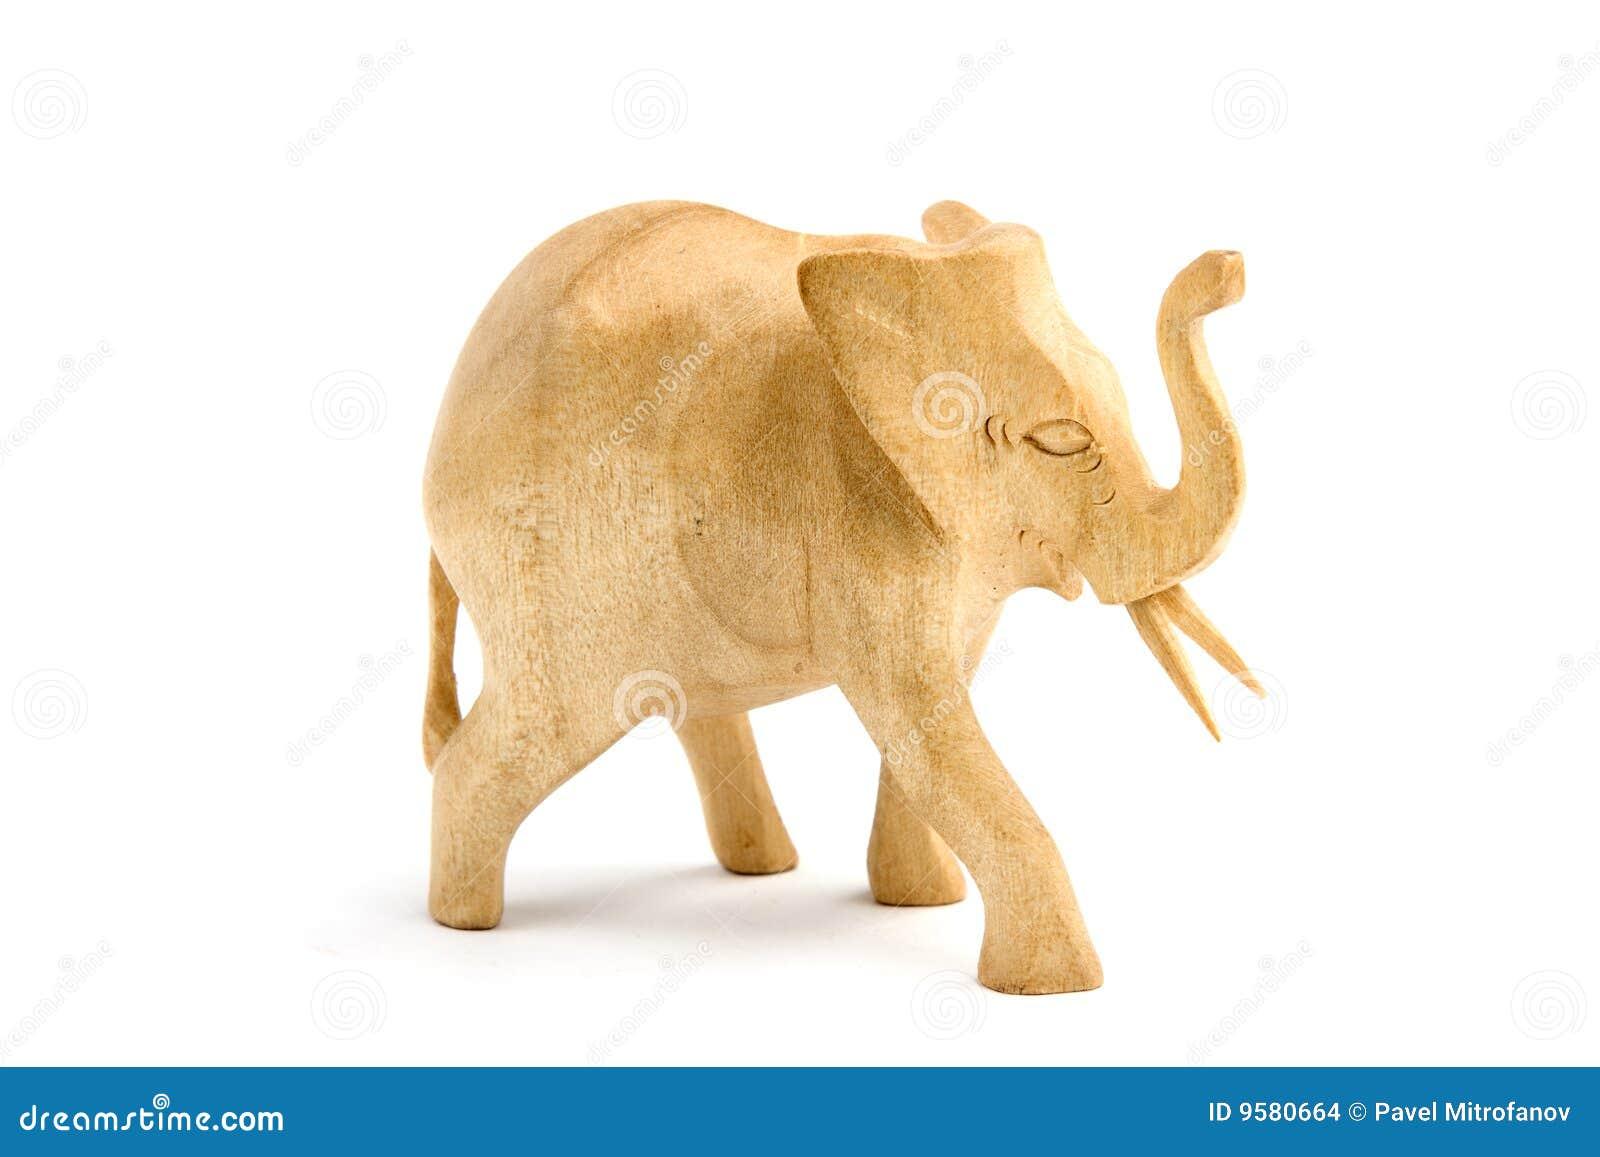 Scultura di legno dell 39 elefante fotografia stock - Elefante foglio di colore dell elefante ...